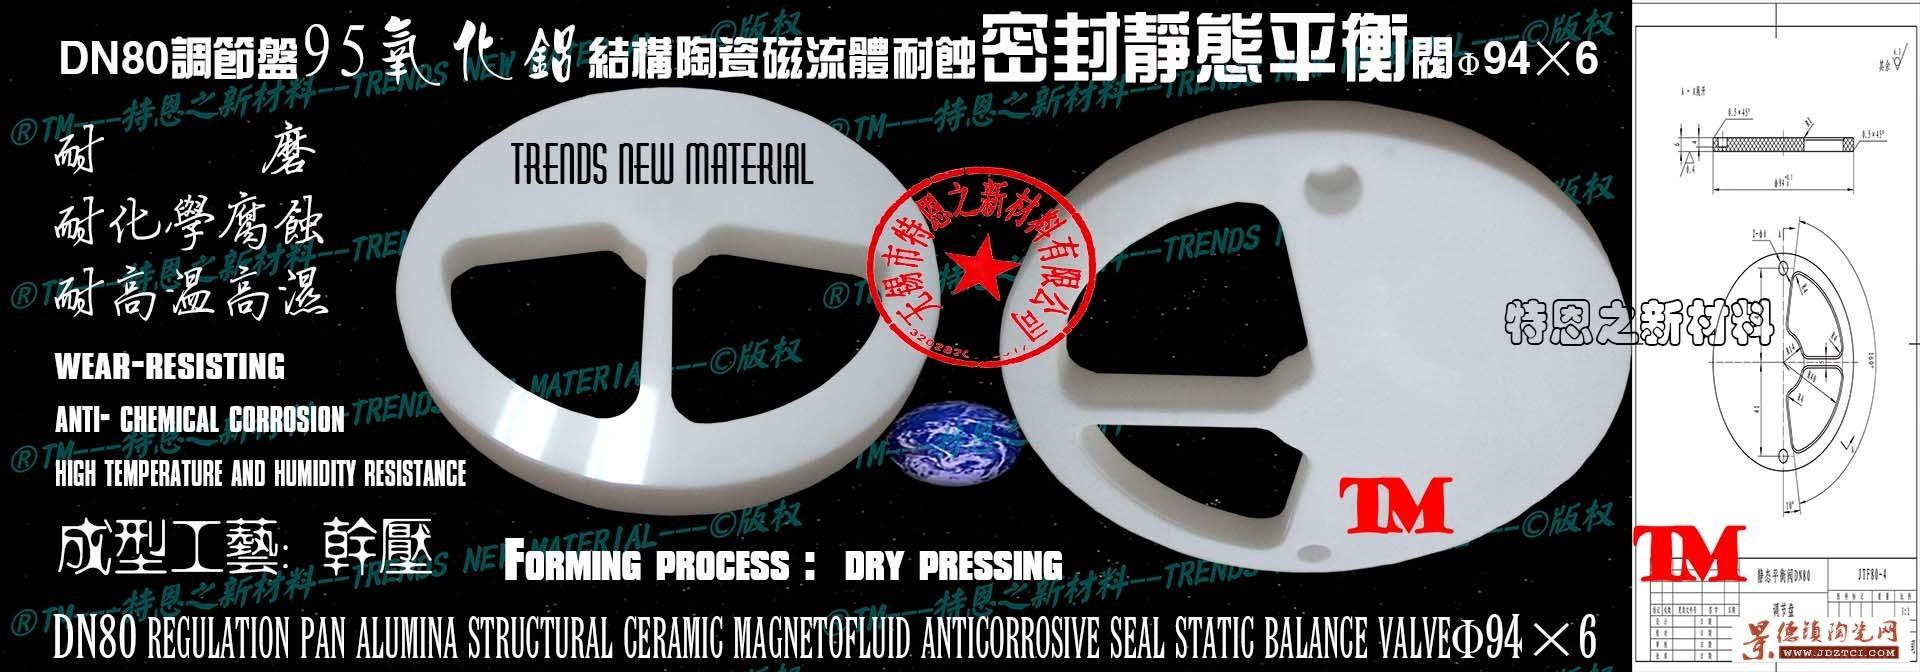 DN80调节盘氧化铝结构陶瓷磁流体耐蚀密封静态平衡阀φ94×6